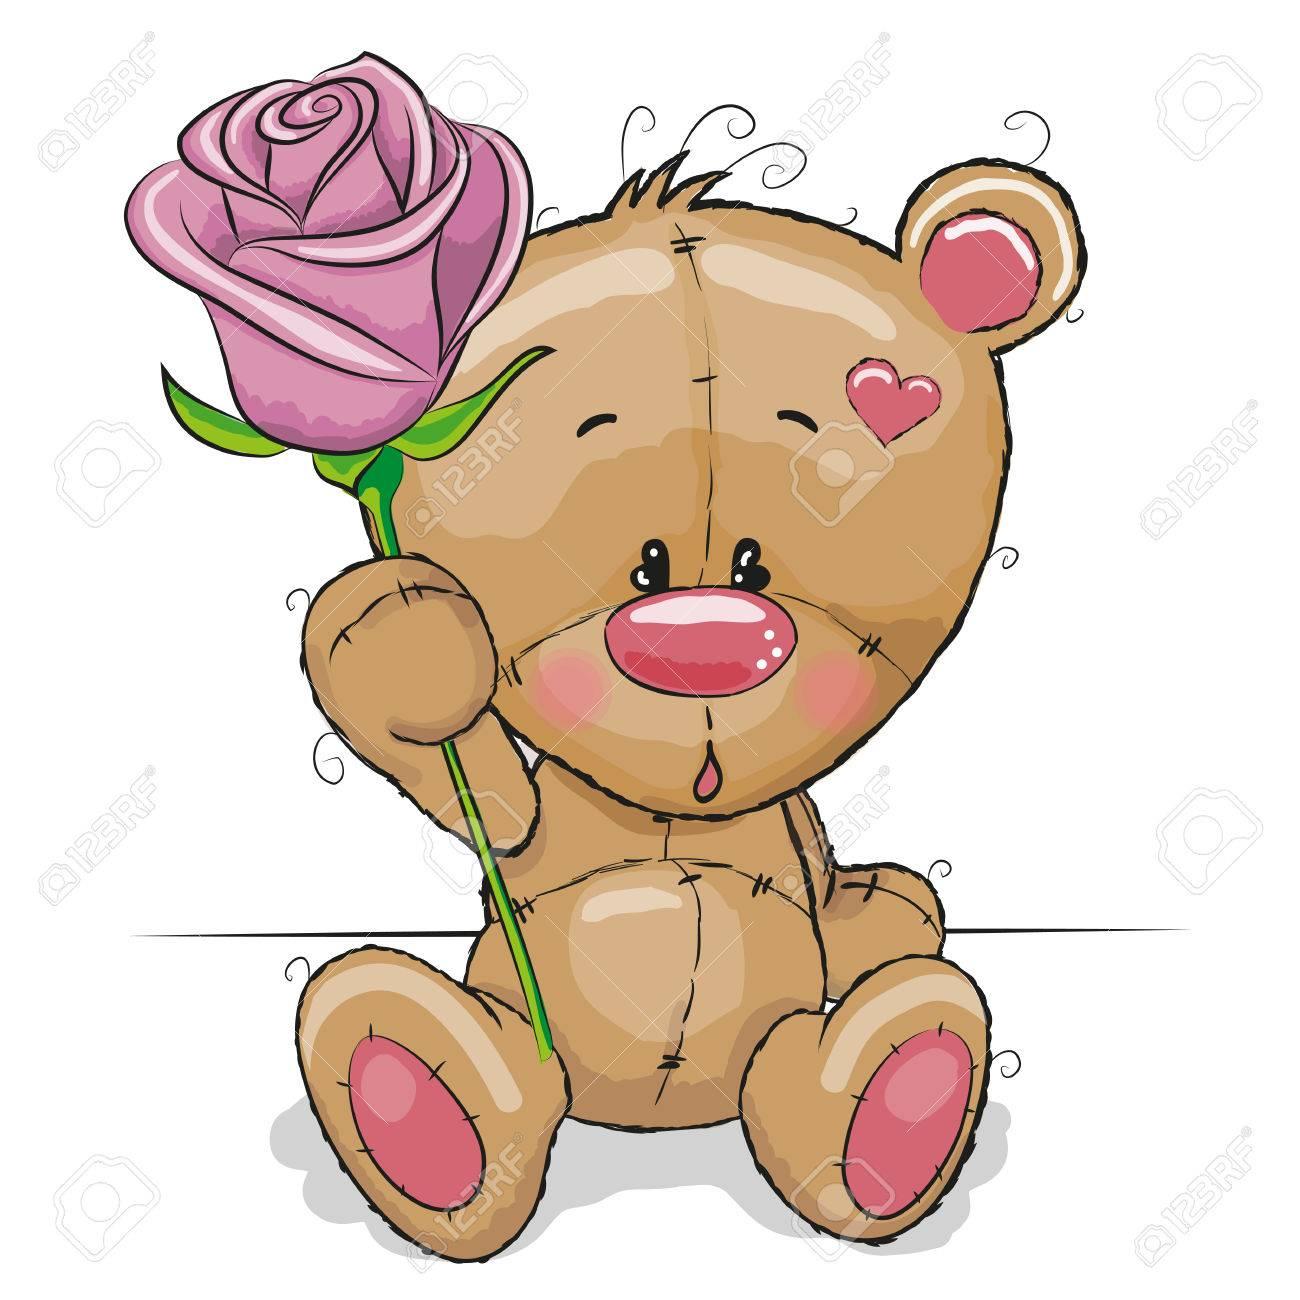 Grußkarte Teddybär Mit Blume Lizenzfrei Nutzbare Vektorgrafiken, Clip Arts,  Illustrationen. Image 39559653.